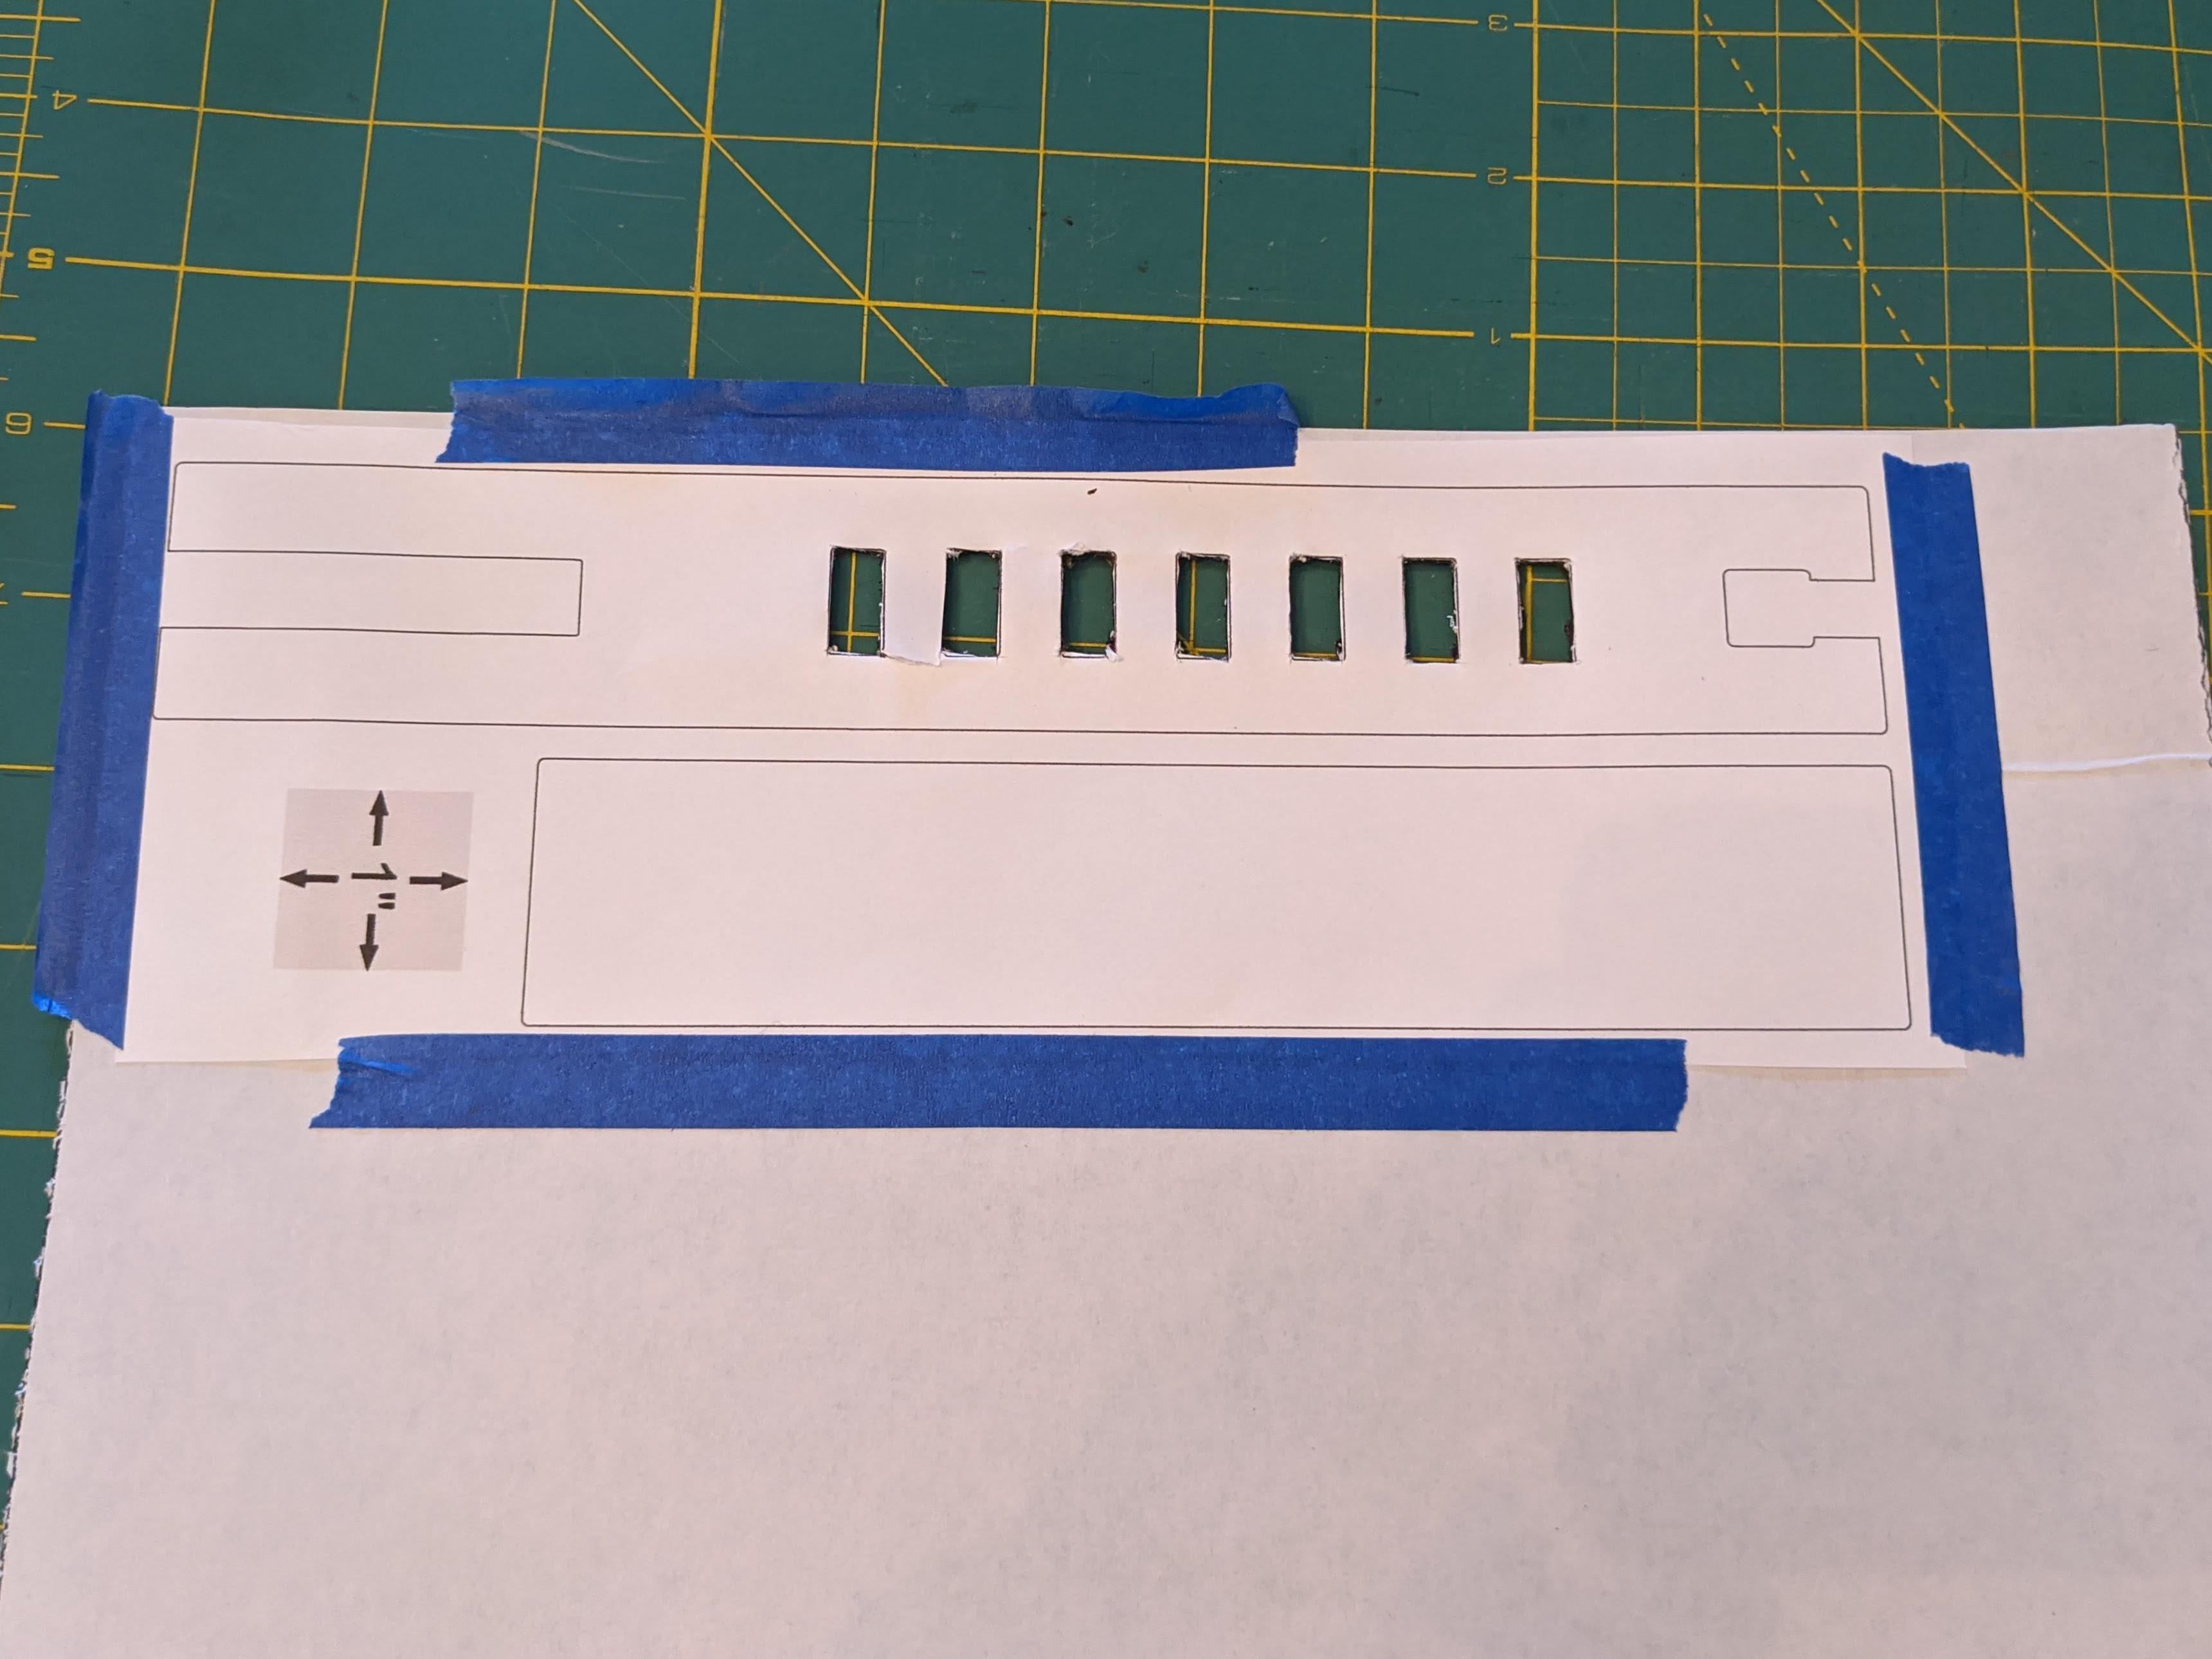 led_strips_PXL_20201012_210912232.jpg